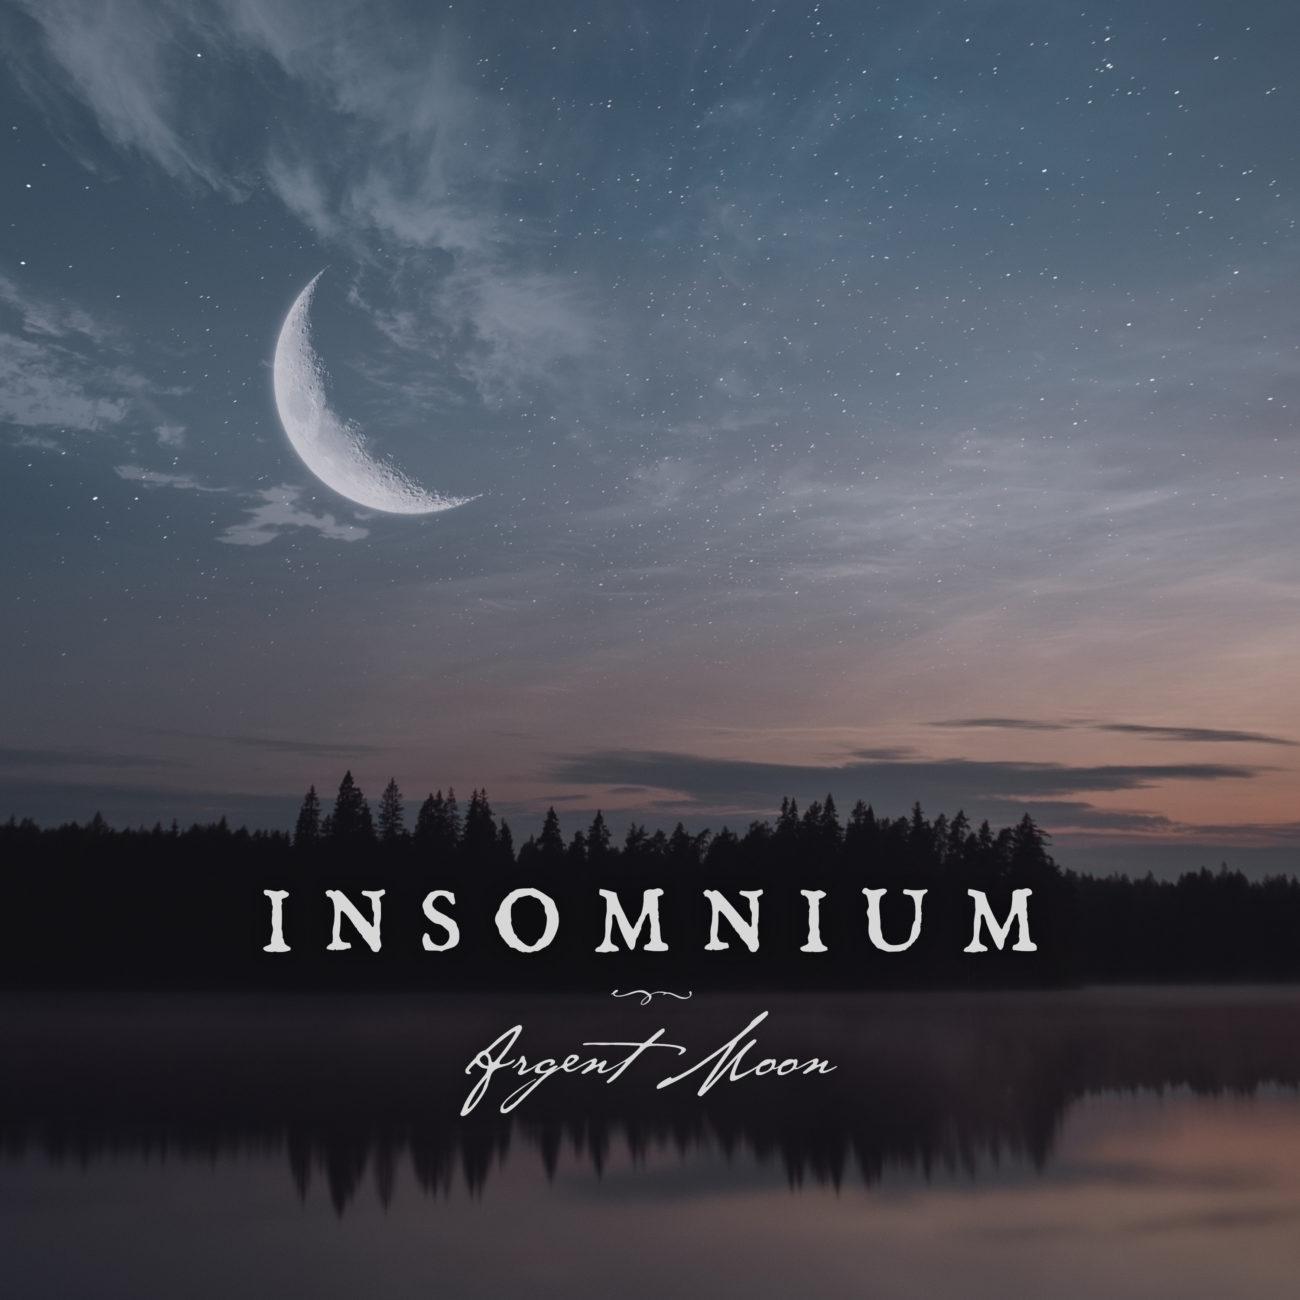 """Tunnelmallista ja varman laadukkaasti tuotettua, mutta yllätyksetöntä ja perusvarmaa – arviossa Insomniumin uusi """"Argent Moon"""" -EP"""